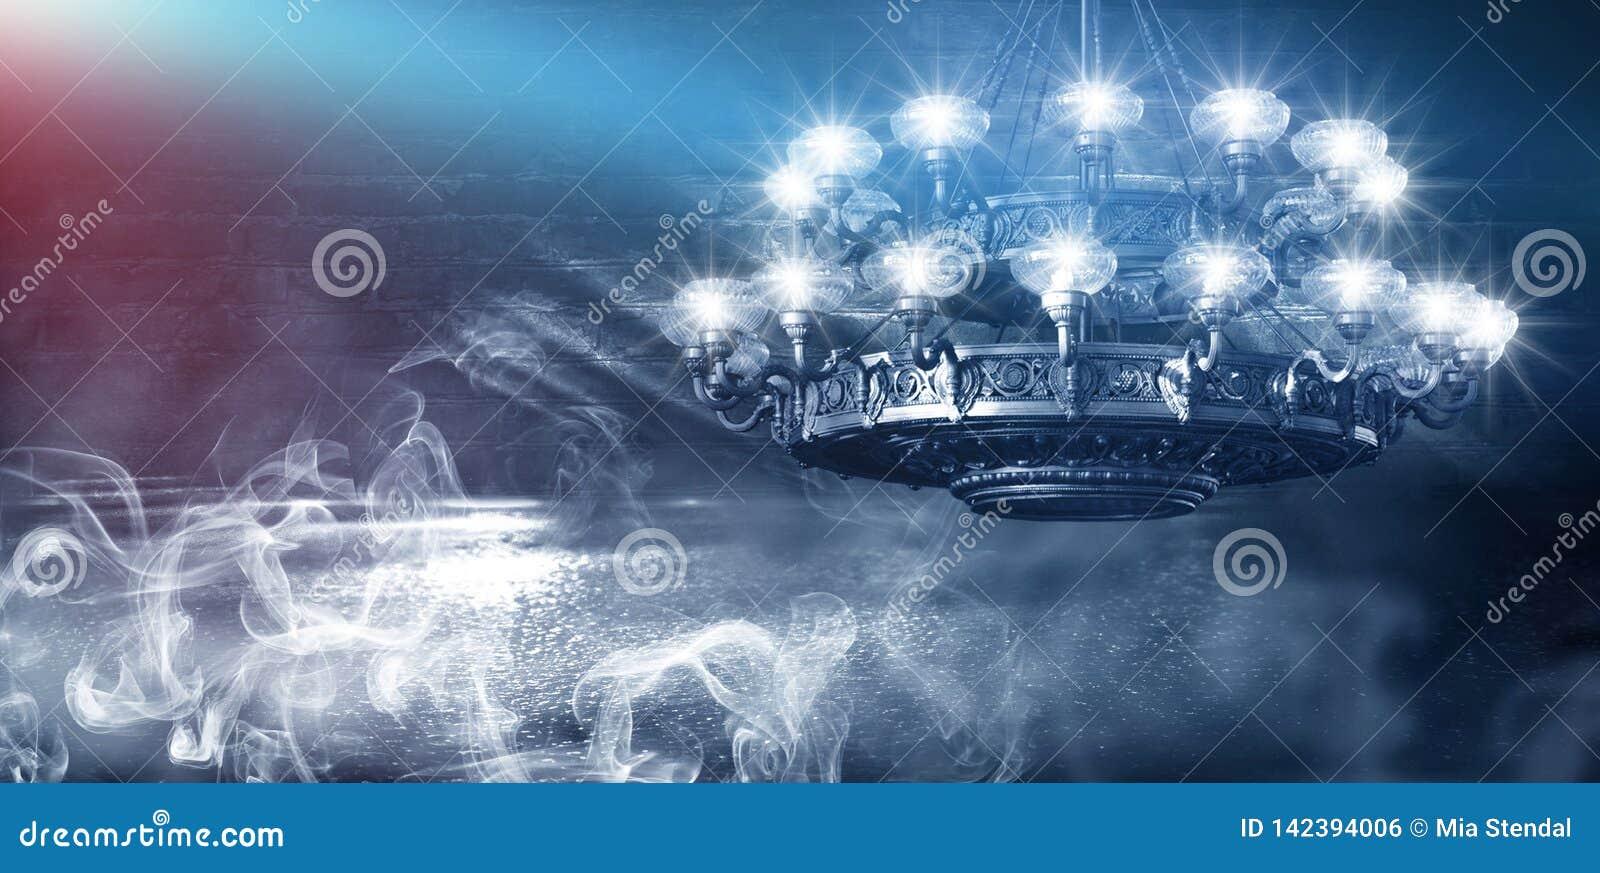 Bakgrundsabstrakt begrepp, abstrakt bakgrund, r?k, smog M?rkt rum f?r nattsikt, rum, korridor med mycket ljus